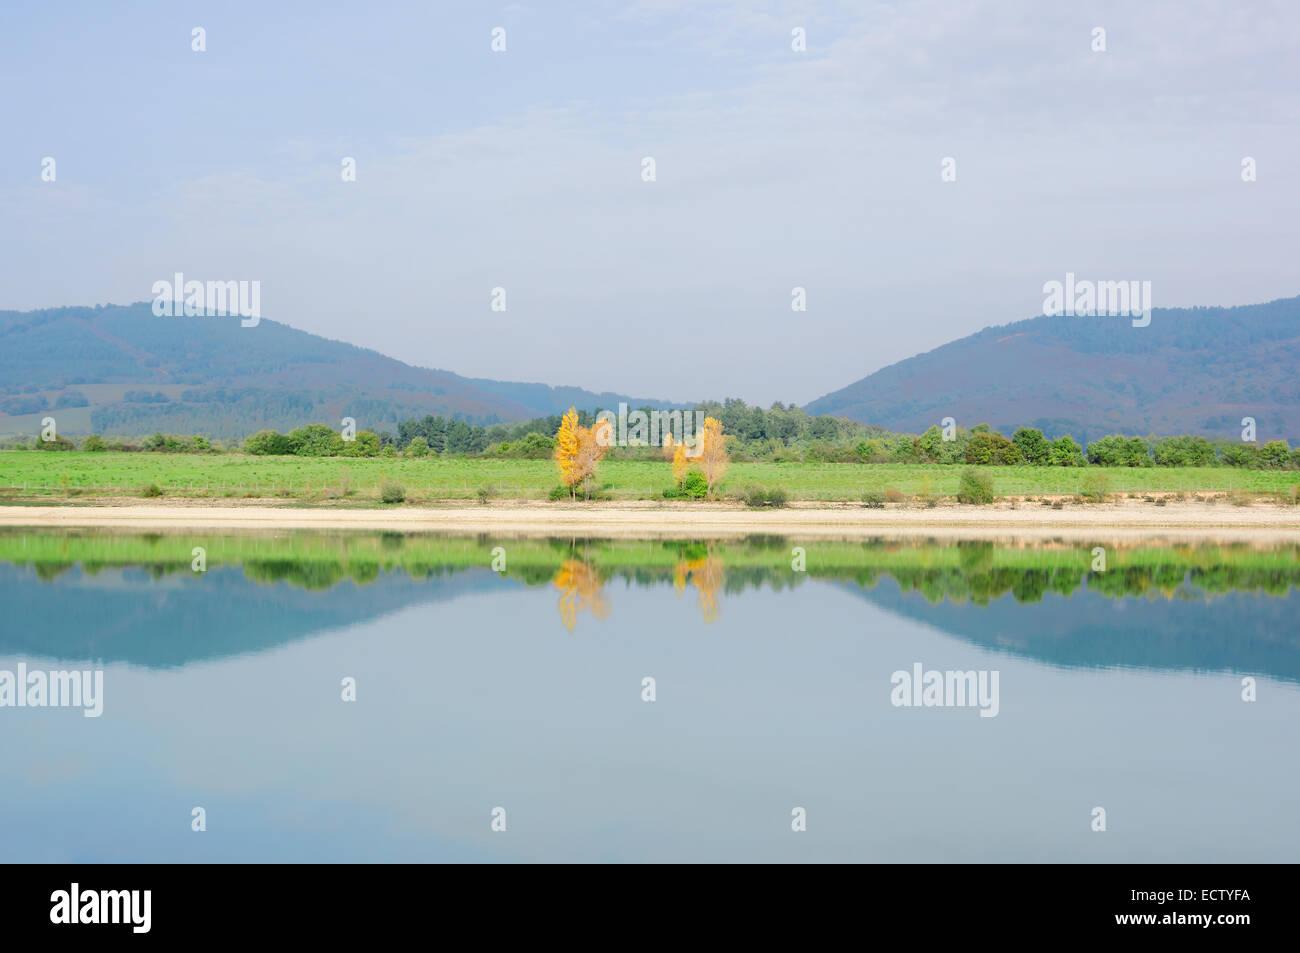 Symmetrie mit Baum Reflexionen auf einem See. Ullibarri Ganboa Stockbild